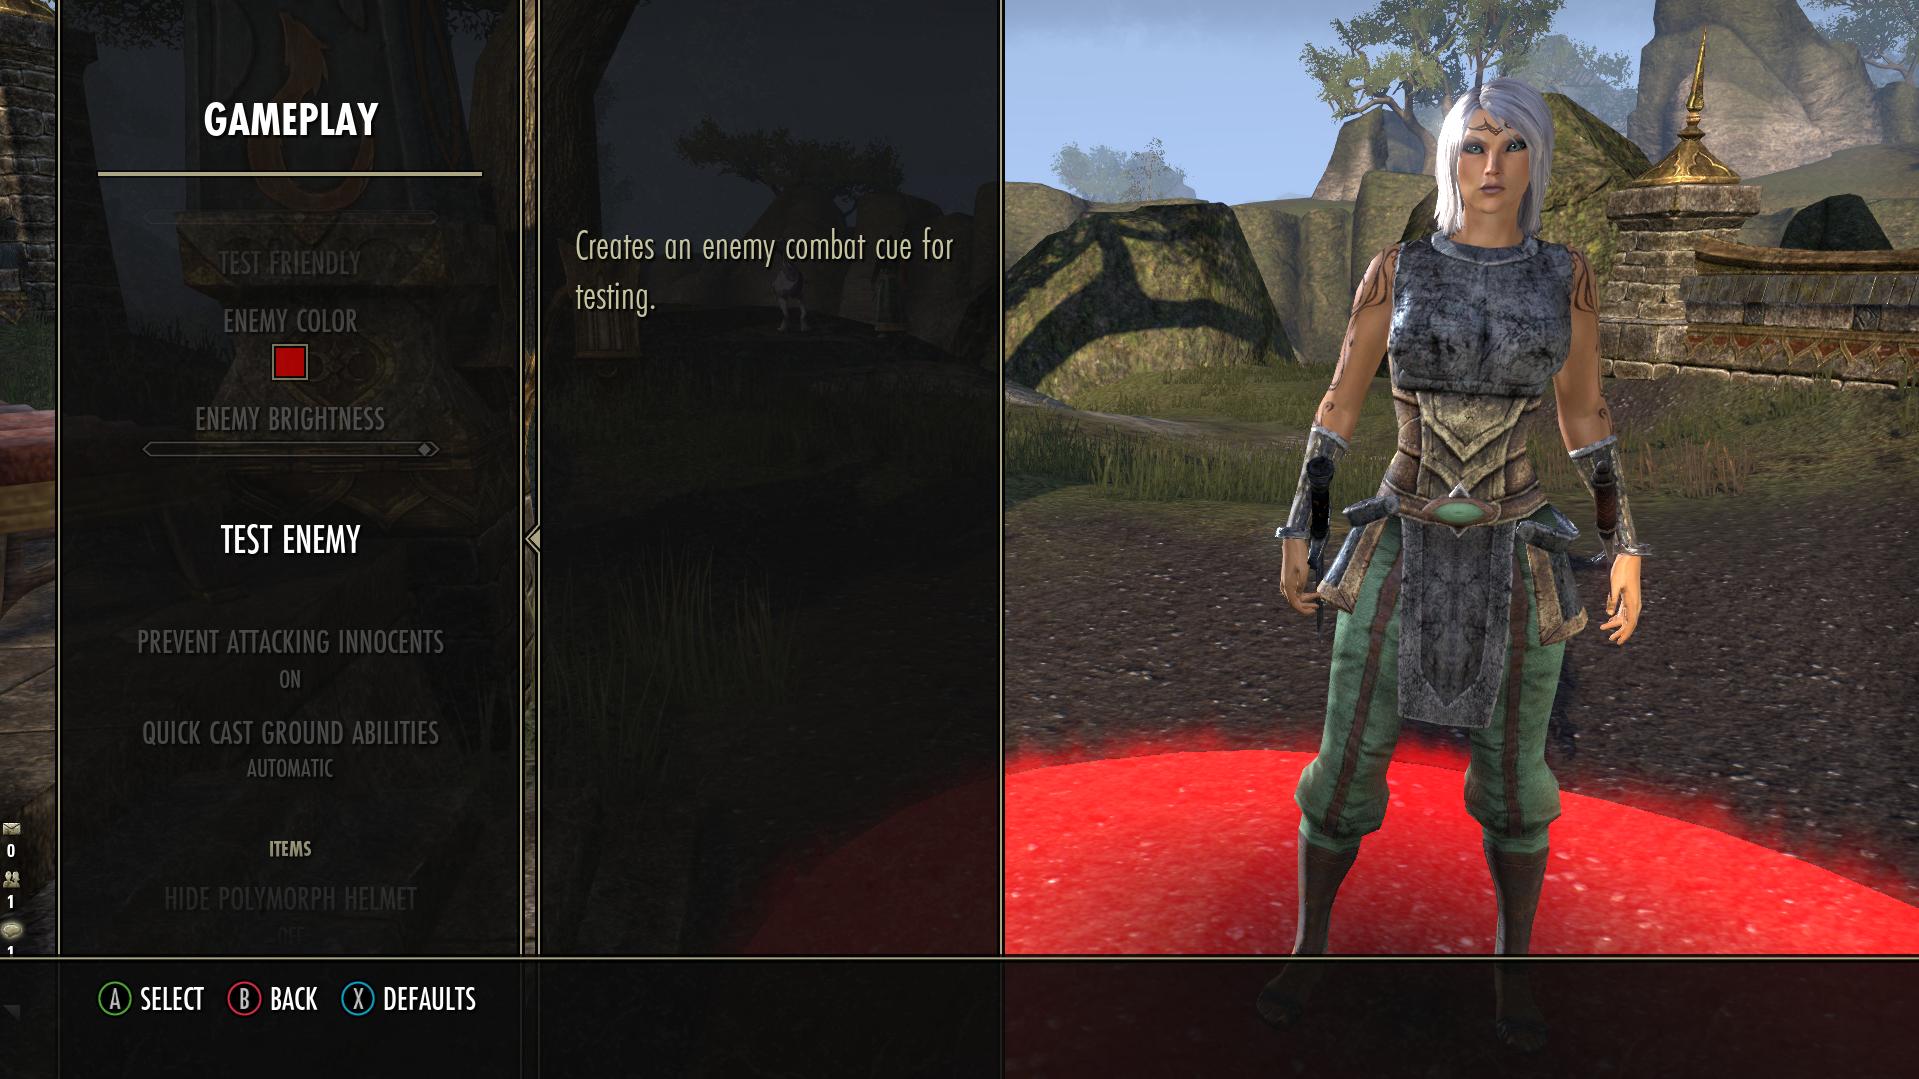 Elder Scrolls Online: Greymoor Gameplay Settings Menu